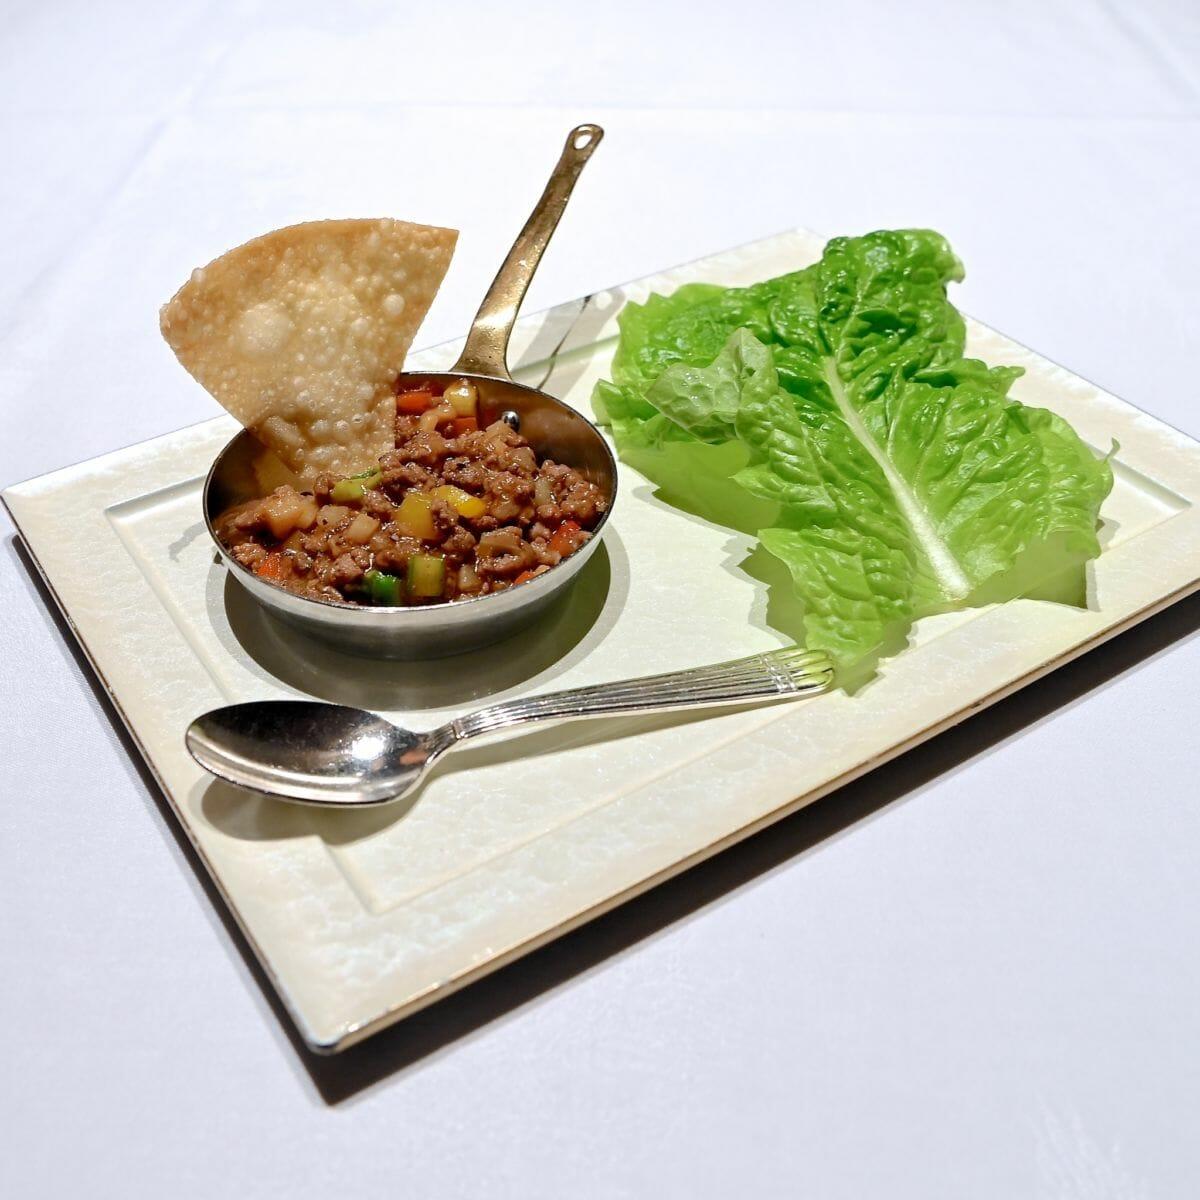 牛挽肉と野菜のブラックペッパーソース サンチュ添え